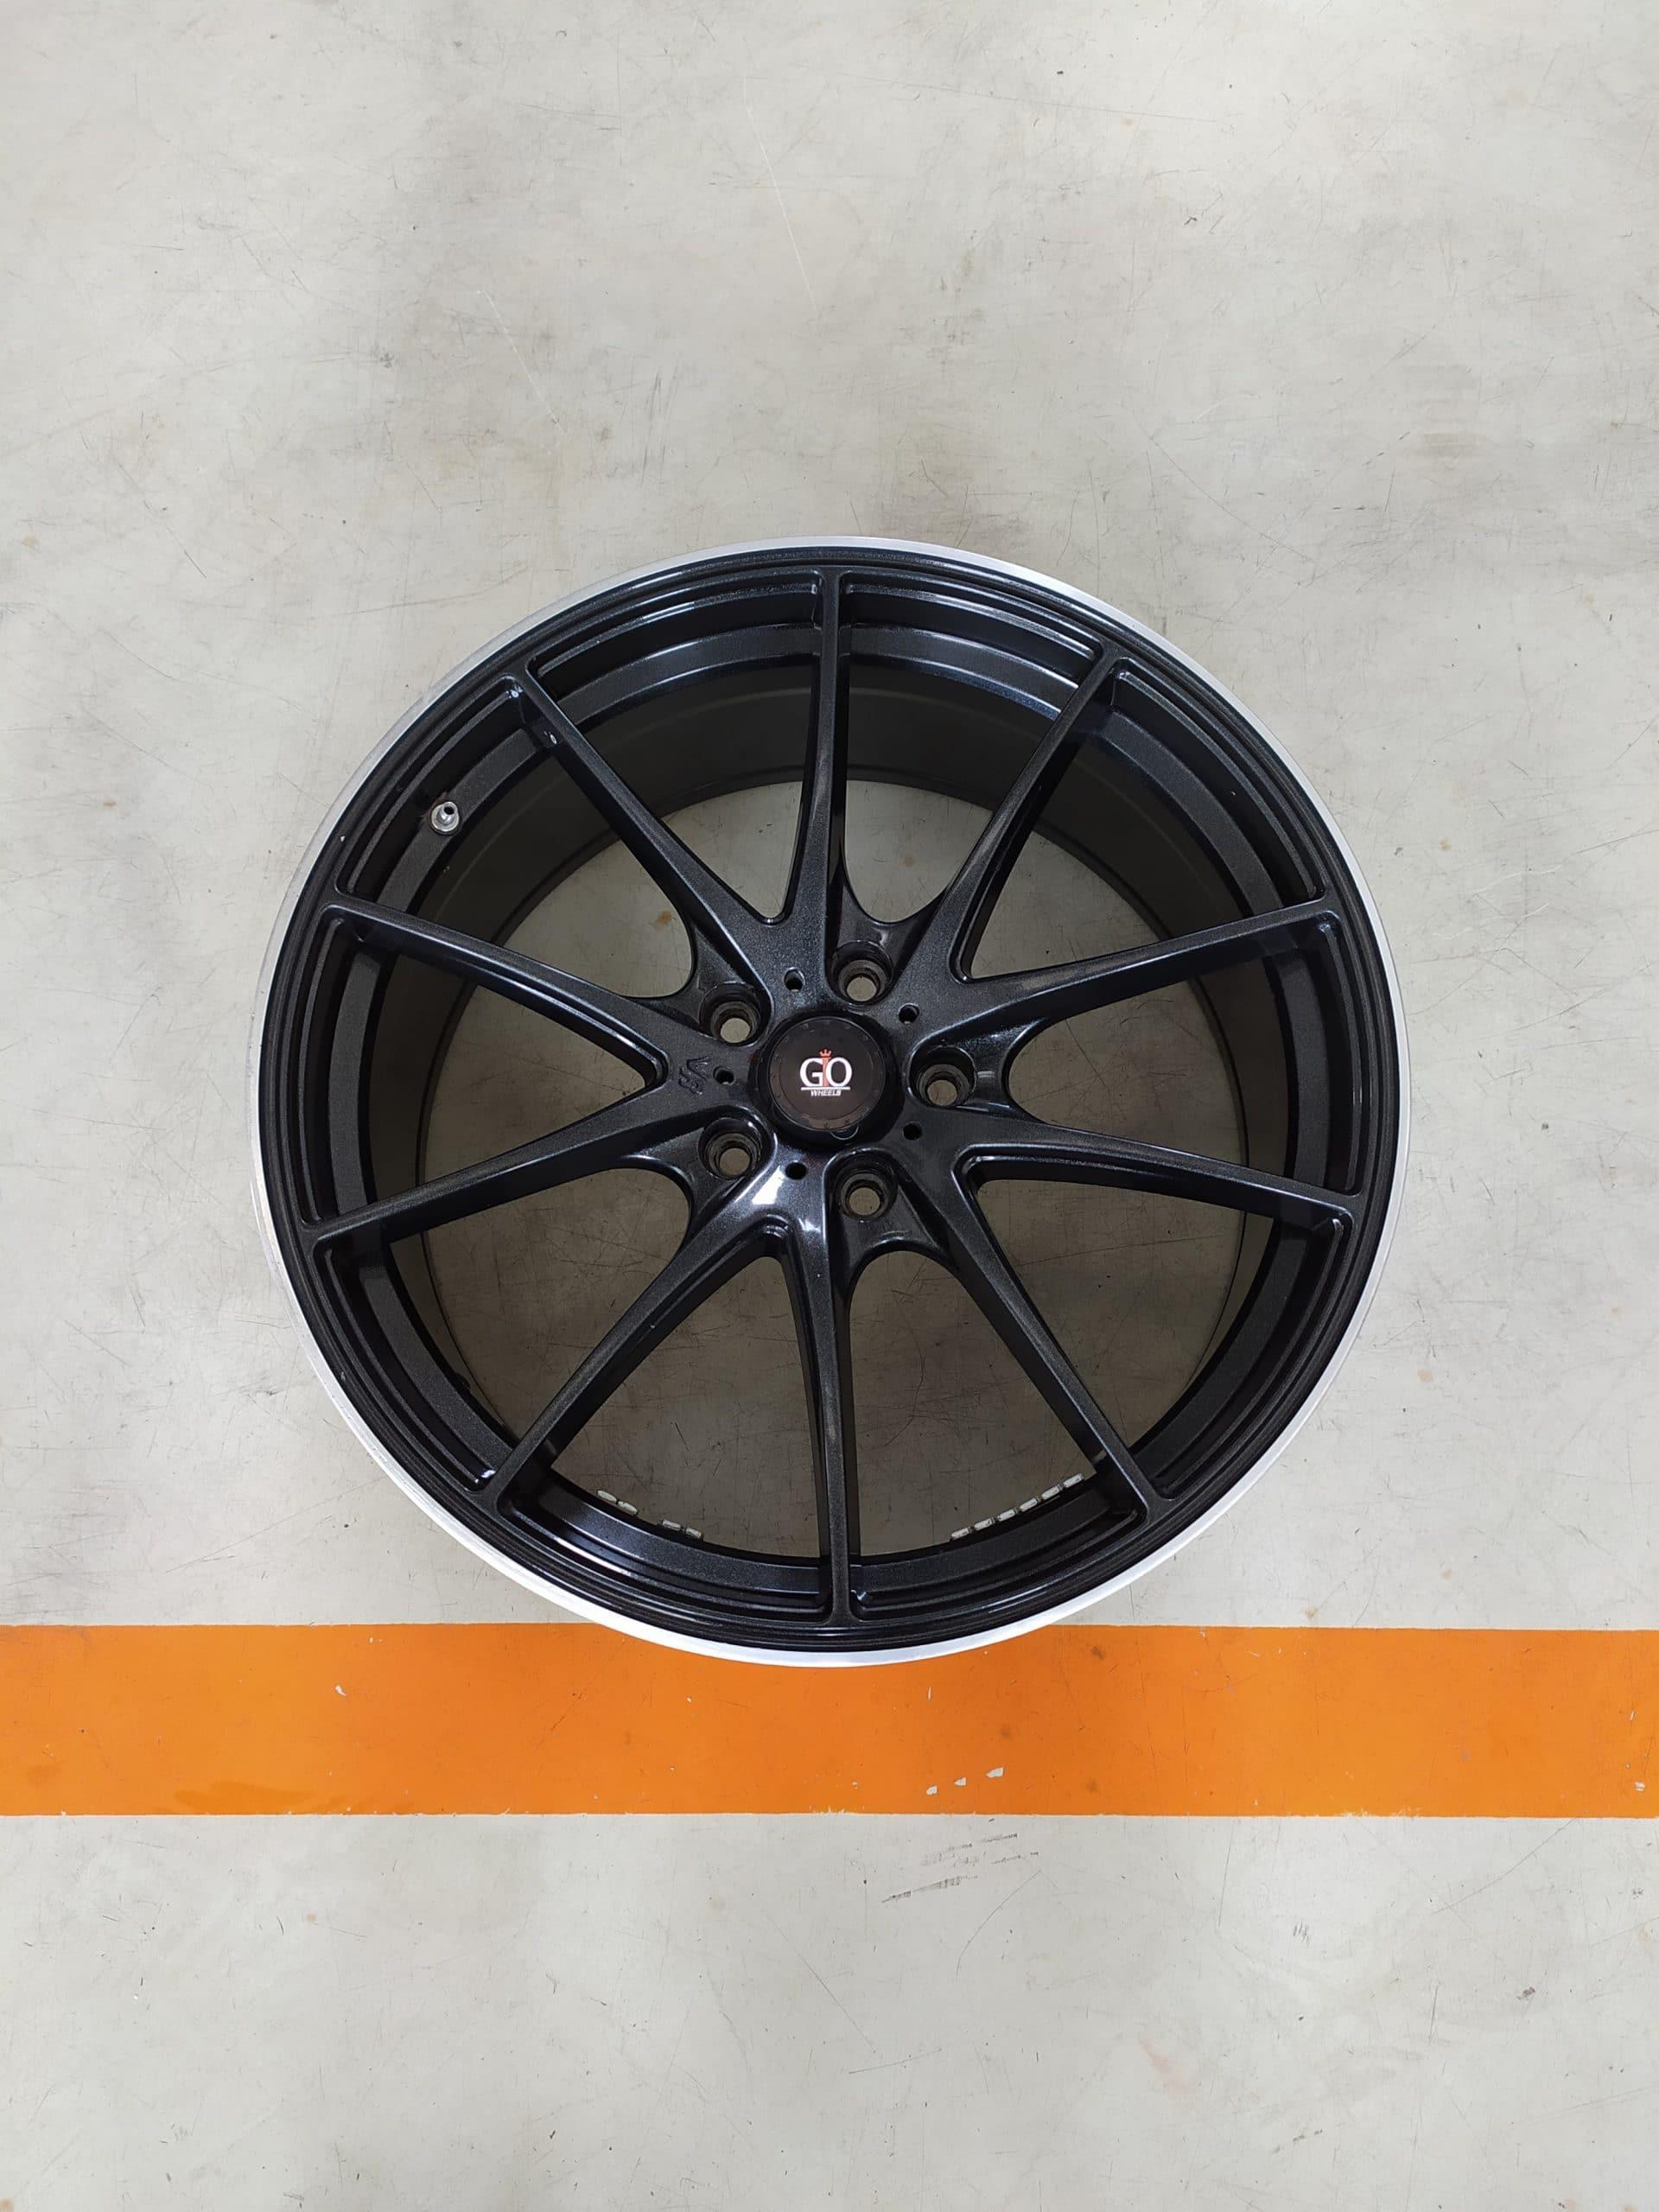 Velg Bekas Rep Volk Rays G25 Ring 19 Lebar Belang , PCD:5×114,3